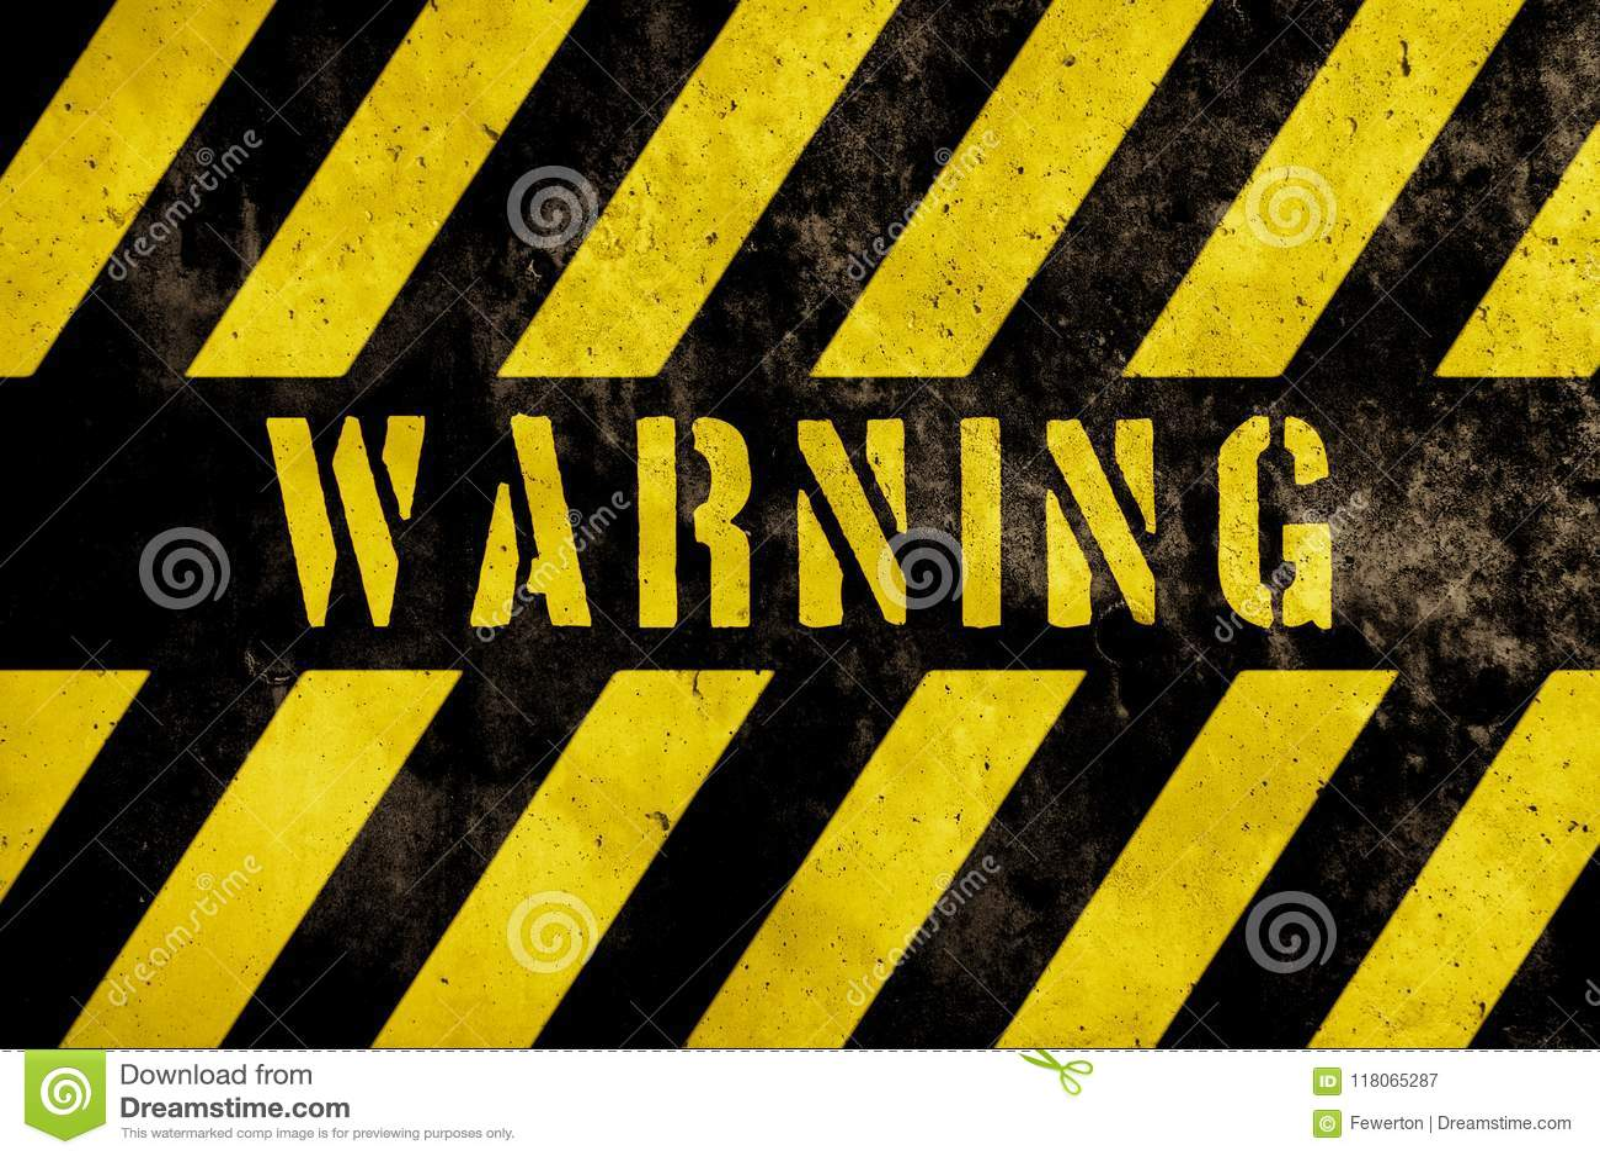 Warnzeichentext mit den gelben und dunklen Streifen gemalt über Betonmauerfassaden-Beschaffenheitshintergrund